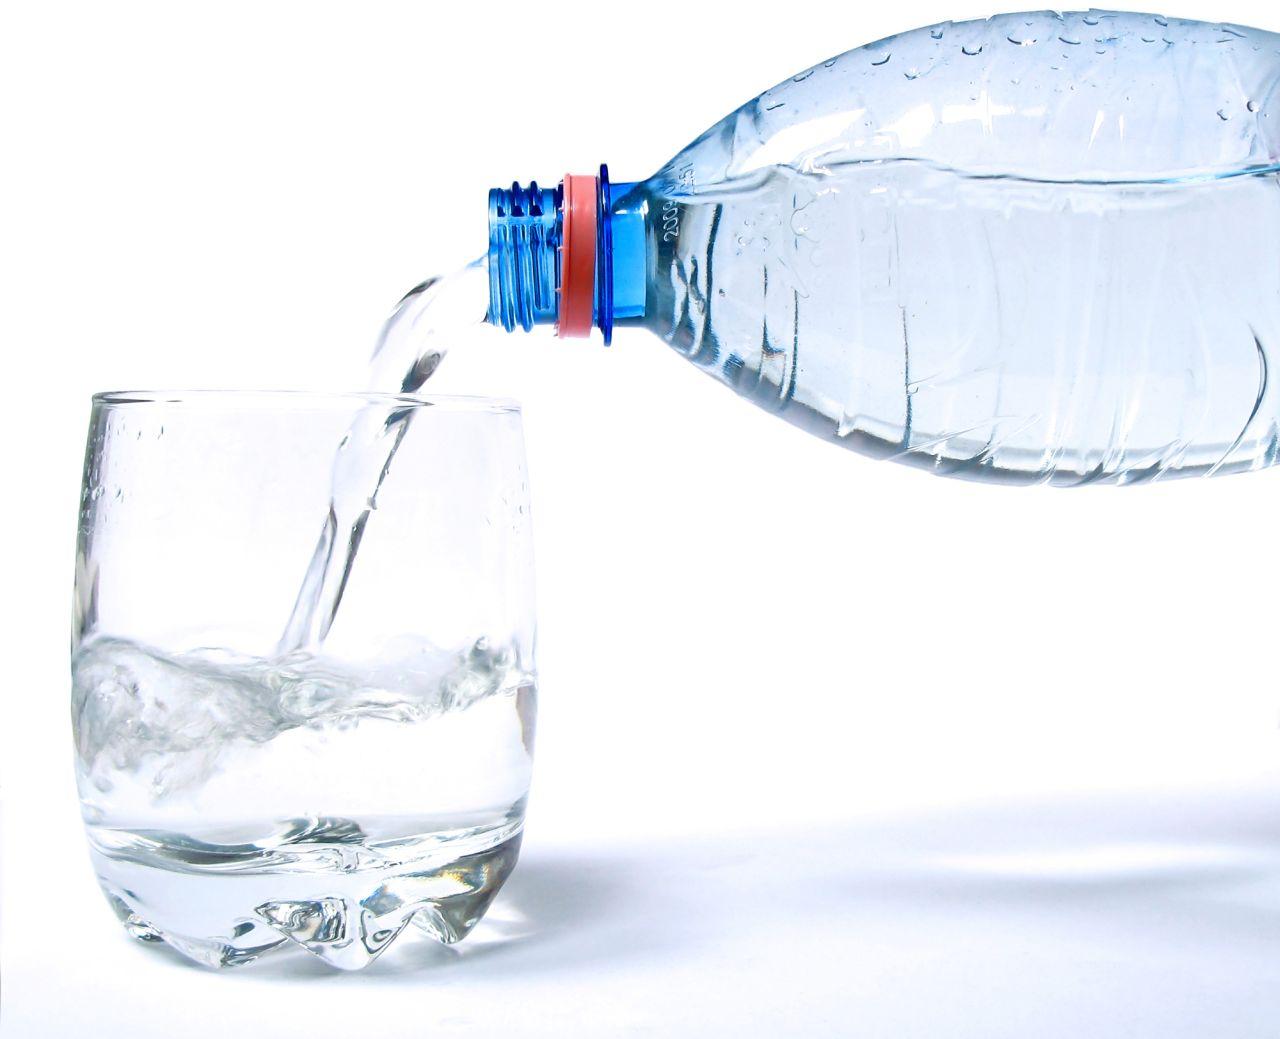 Pielęgnacja - jak dbać o usta, by zapobiegać spierzchaniu się